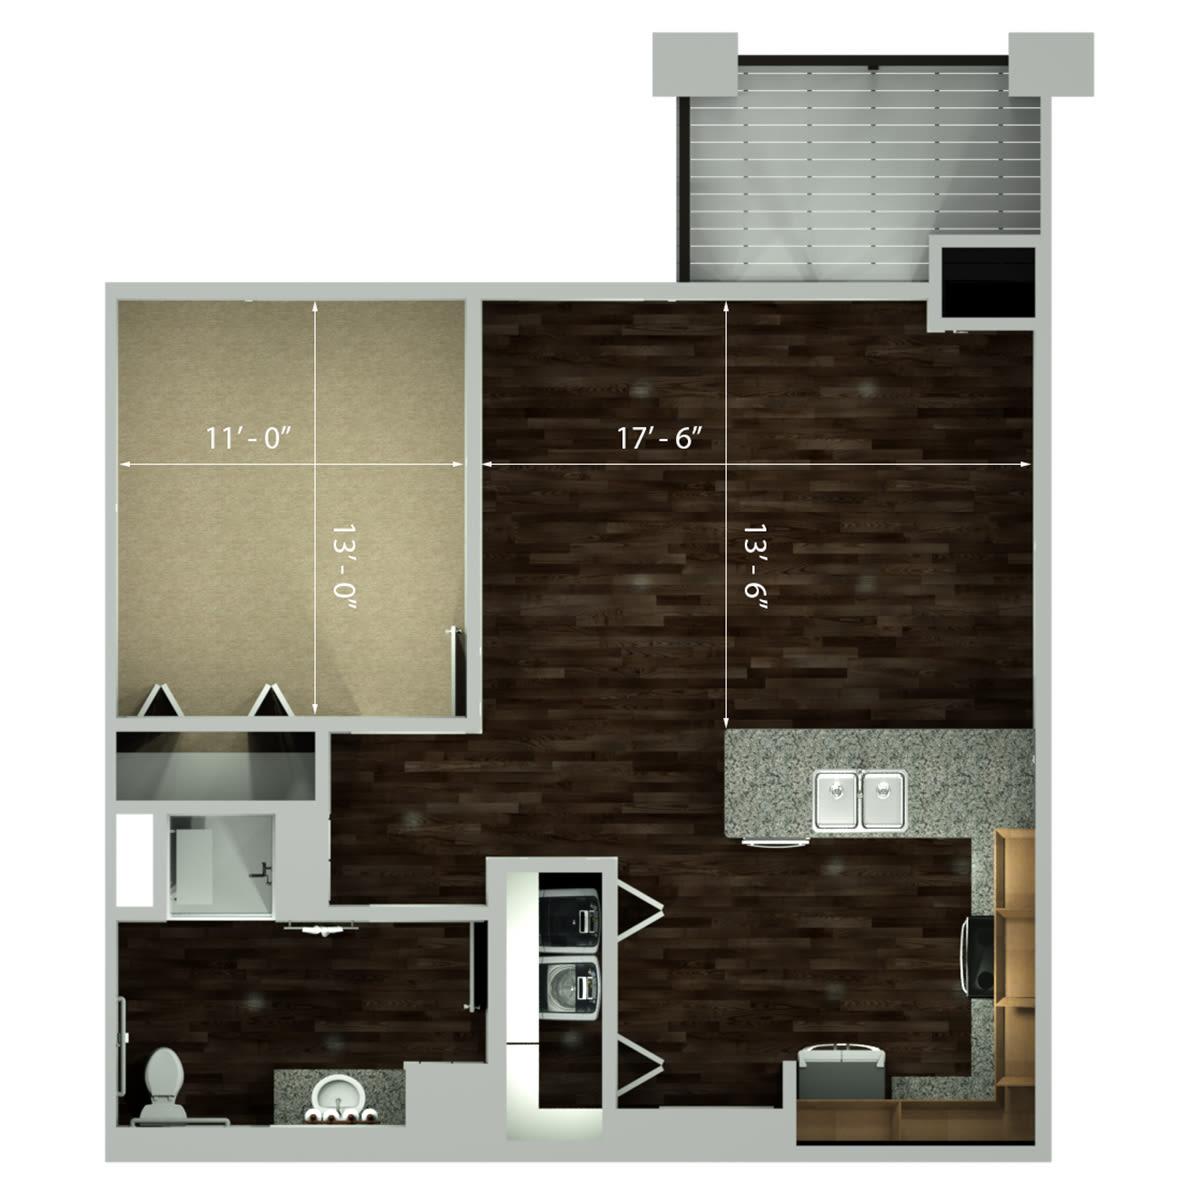 One Bedroom   756 Sq Ft. Plaza One Bedroom Floor Plan